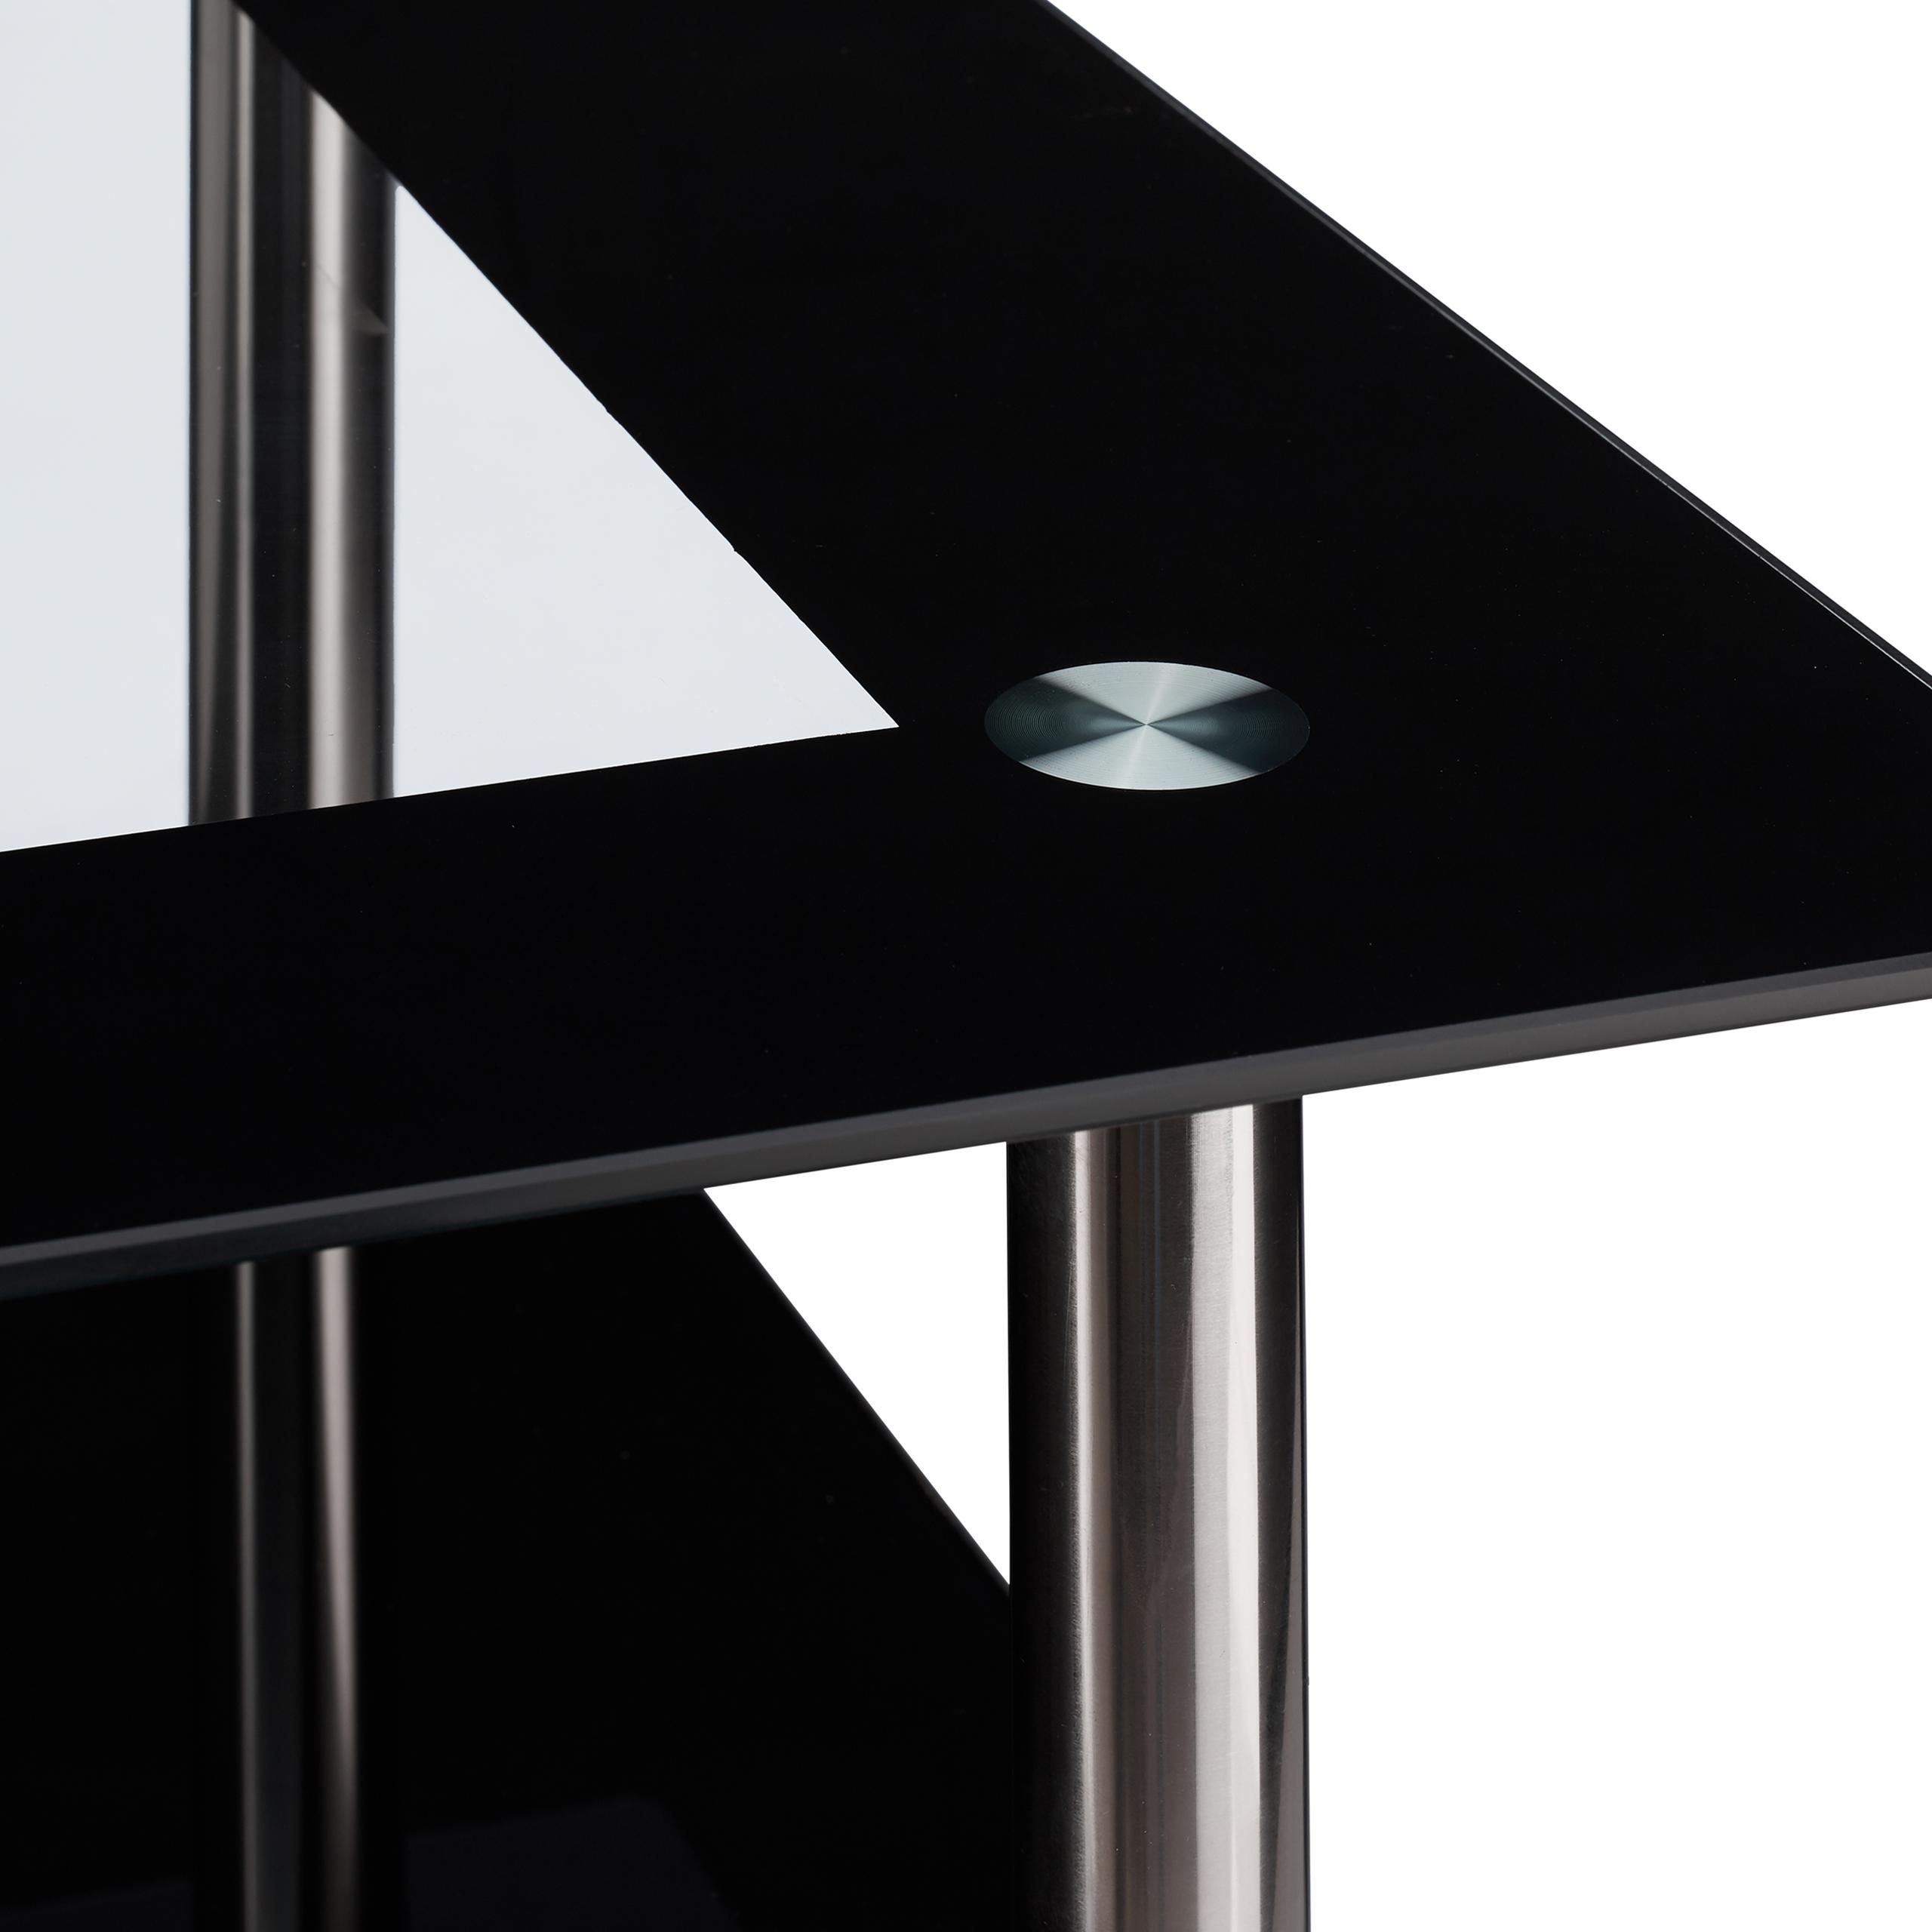 Couchtisch schwarzglas wohnzimmertisch glastisch niedrig for Glastisch wohnzimmertisch